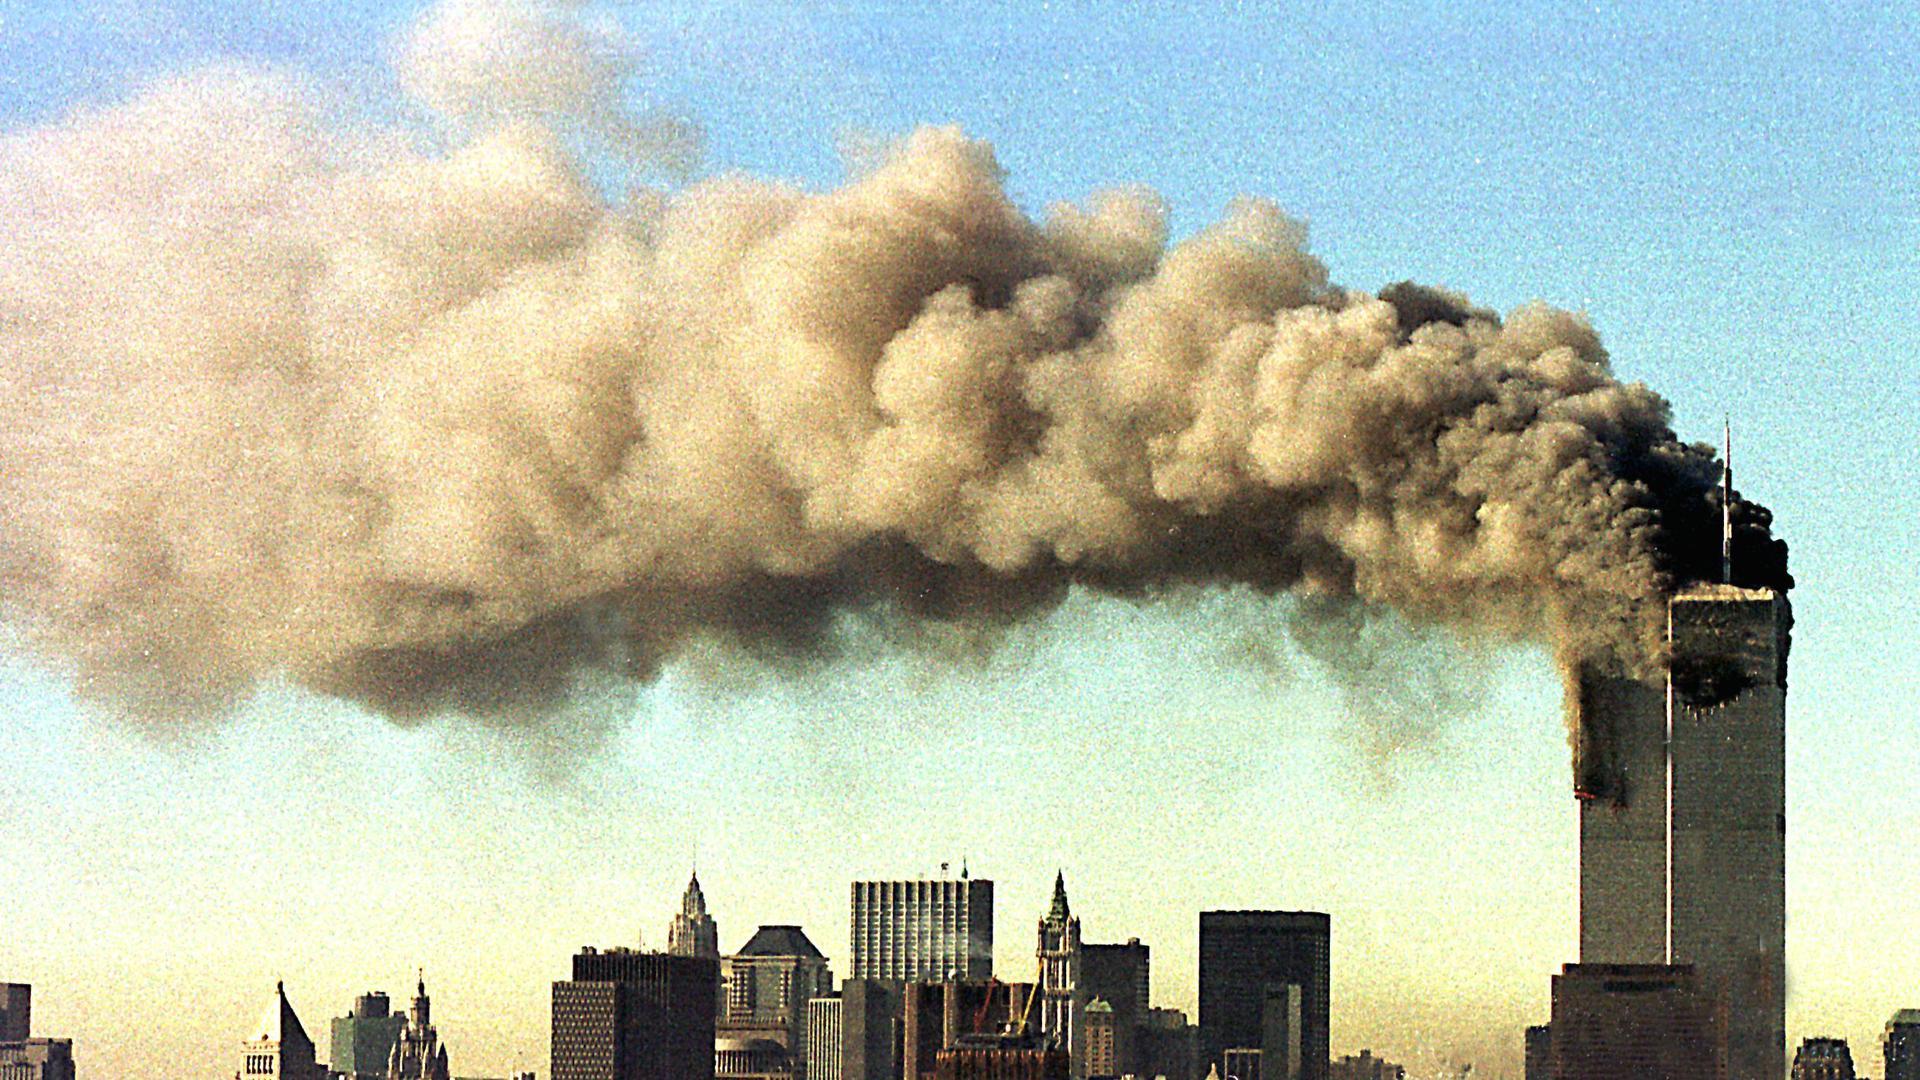 Die Bilder der brennenden Türme des World Trade Center gehen am 11. September 2001 um die Welt. Viele Menschen verfolgen das Geschehen live im Fernsehen.